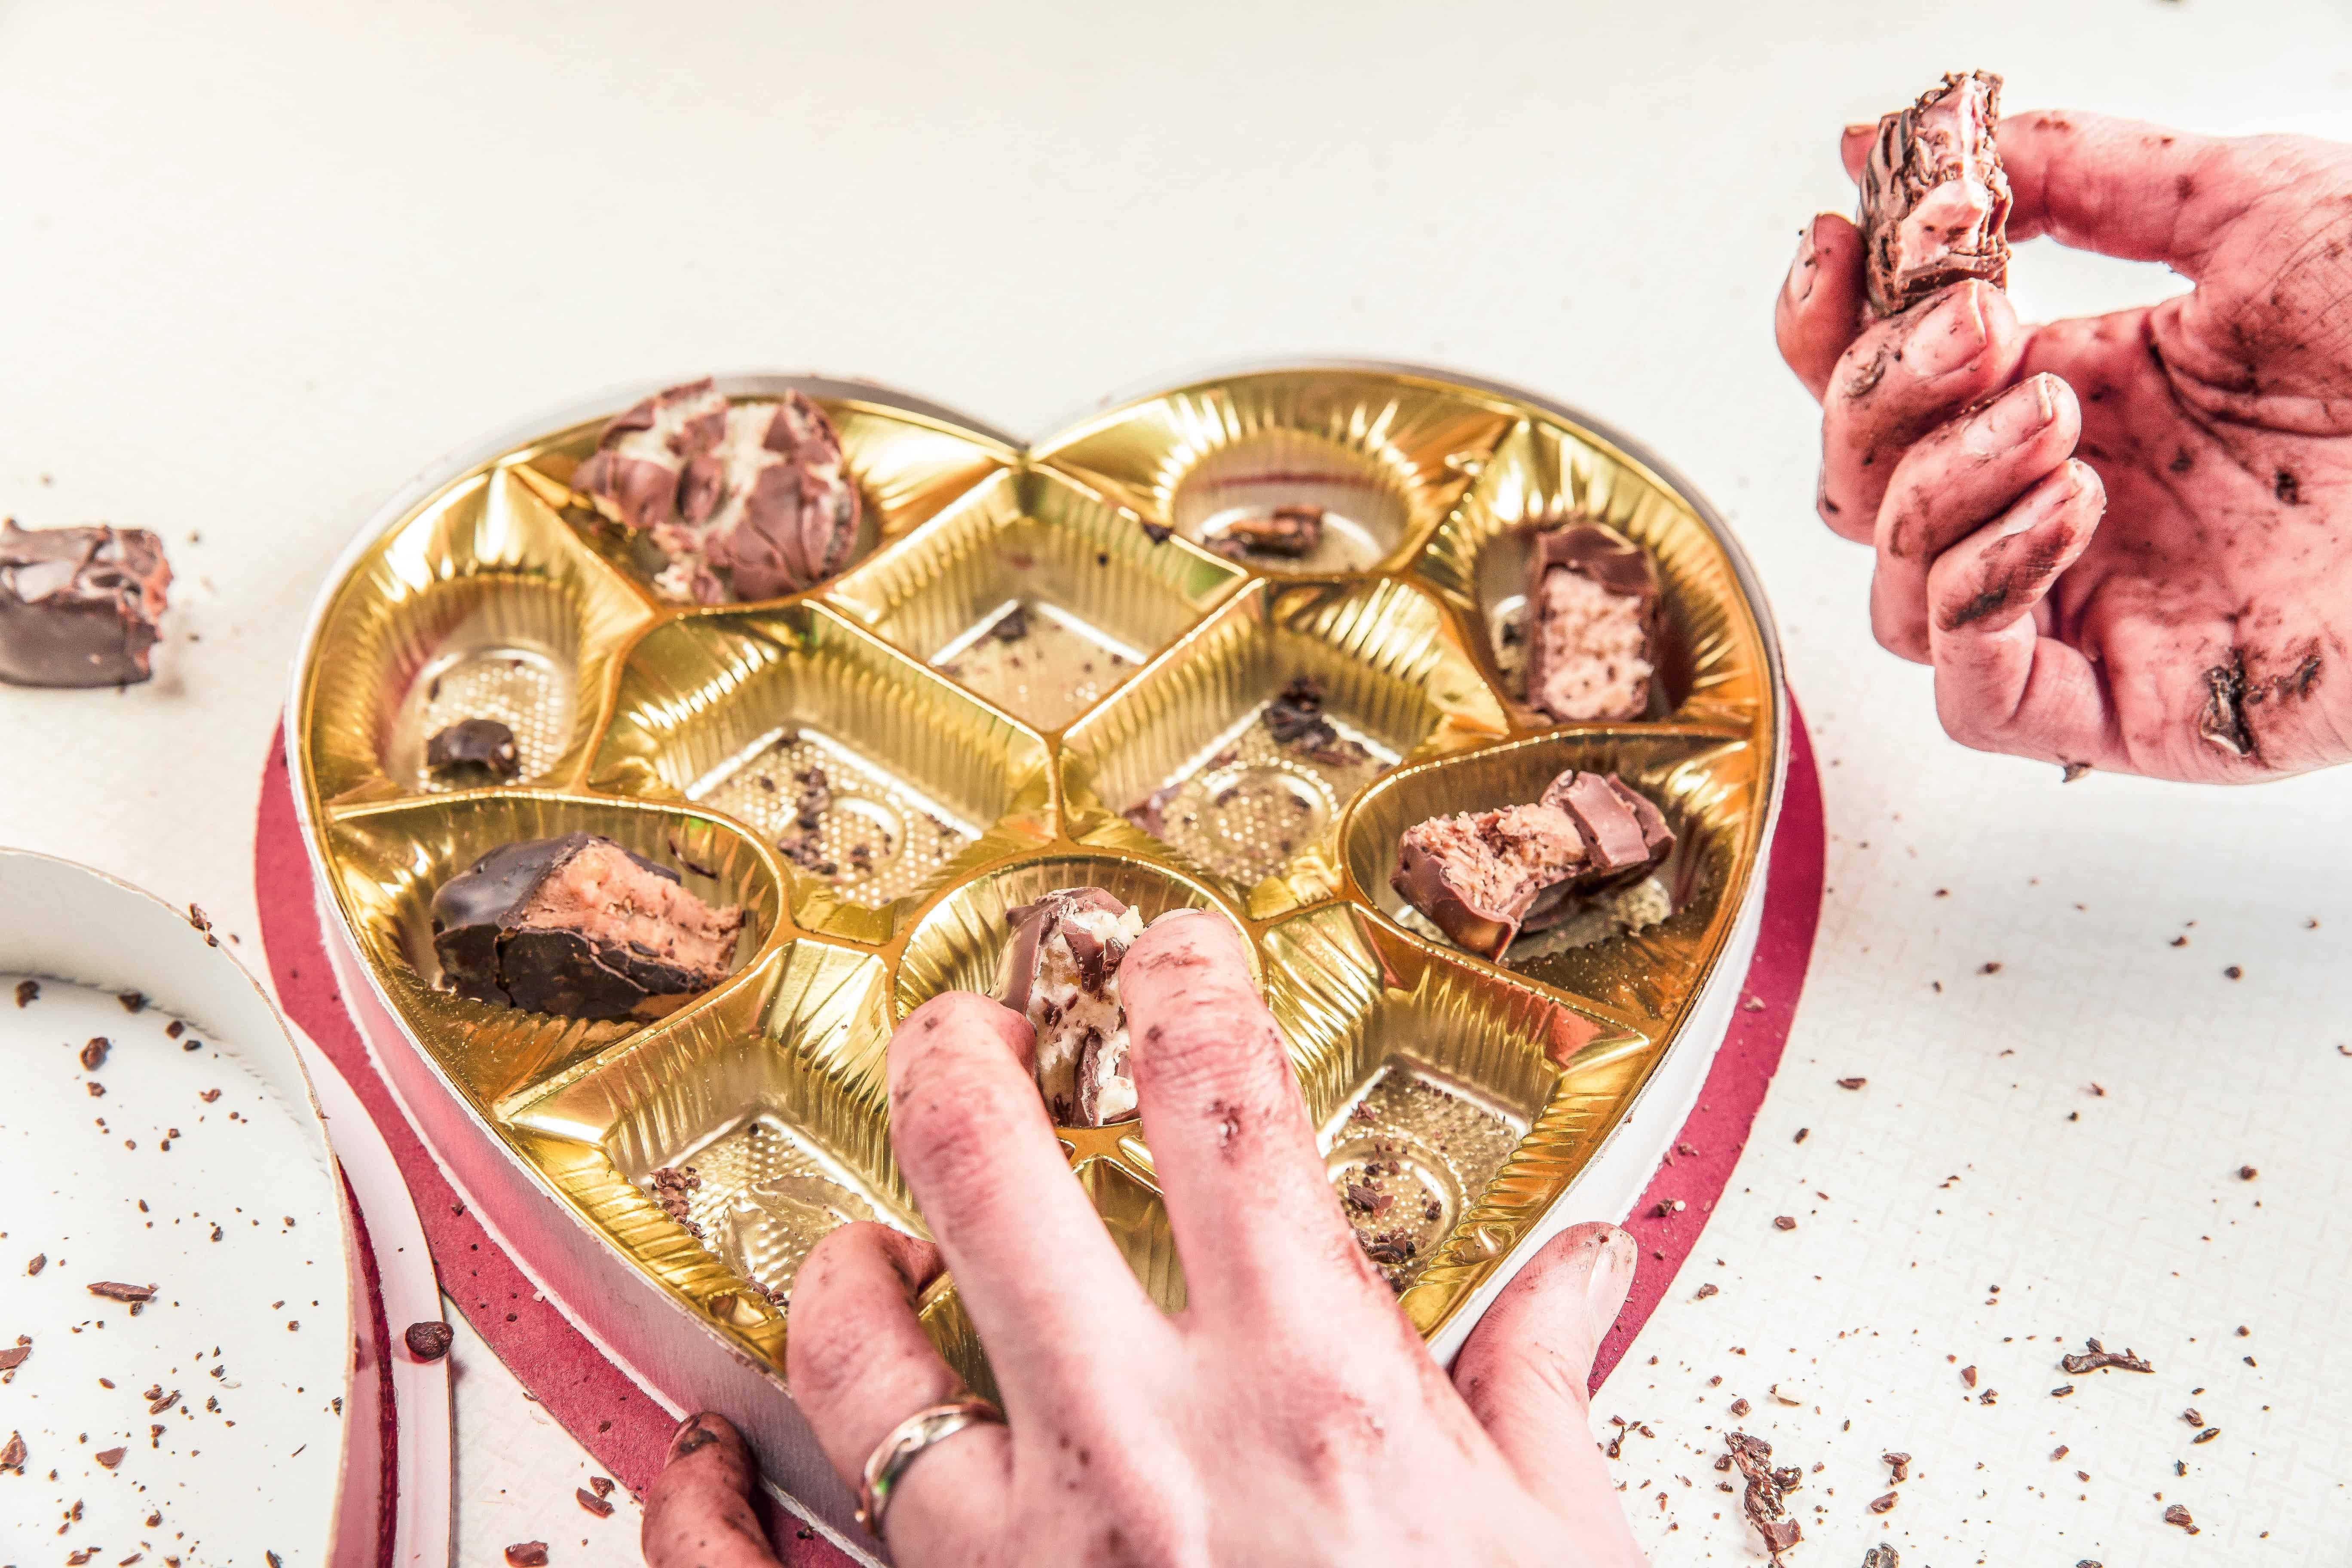 ما هو الأكل العاطفي وما دوافعه وطرق السيطرة عليه؟